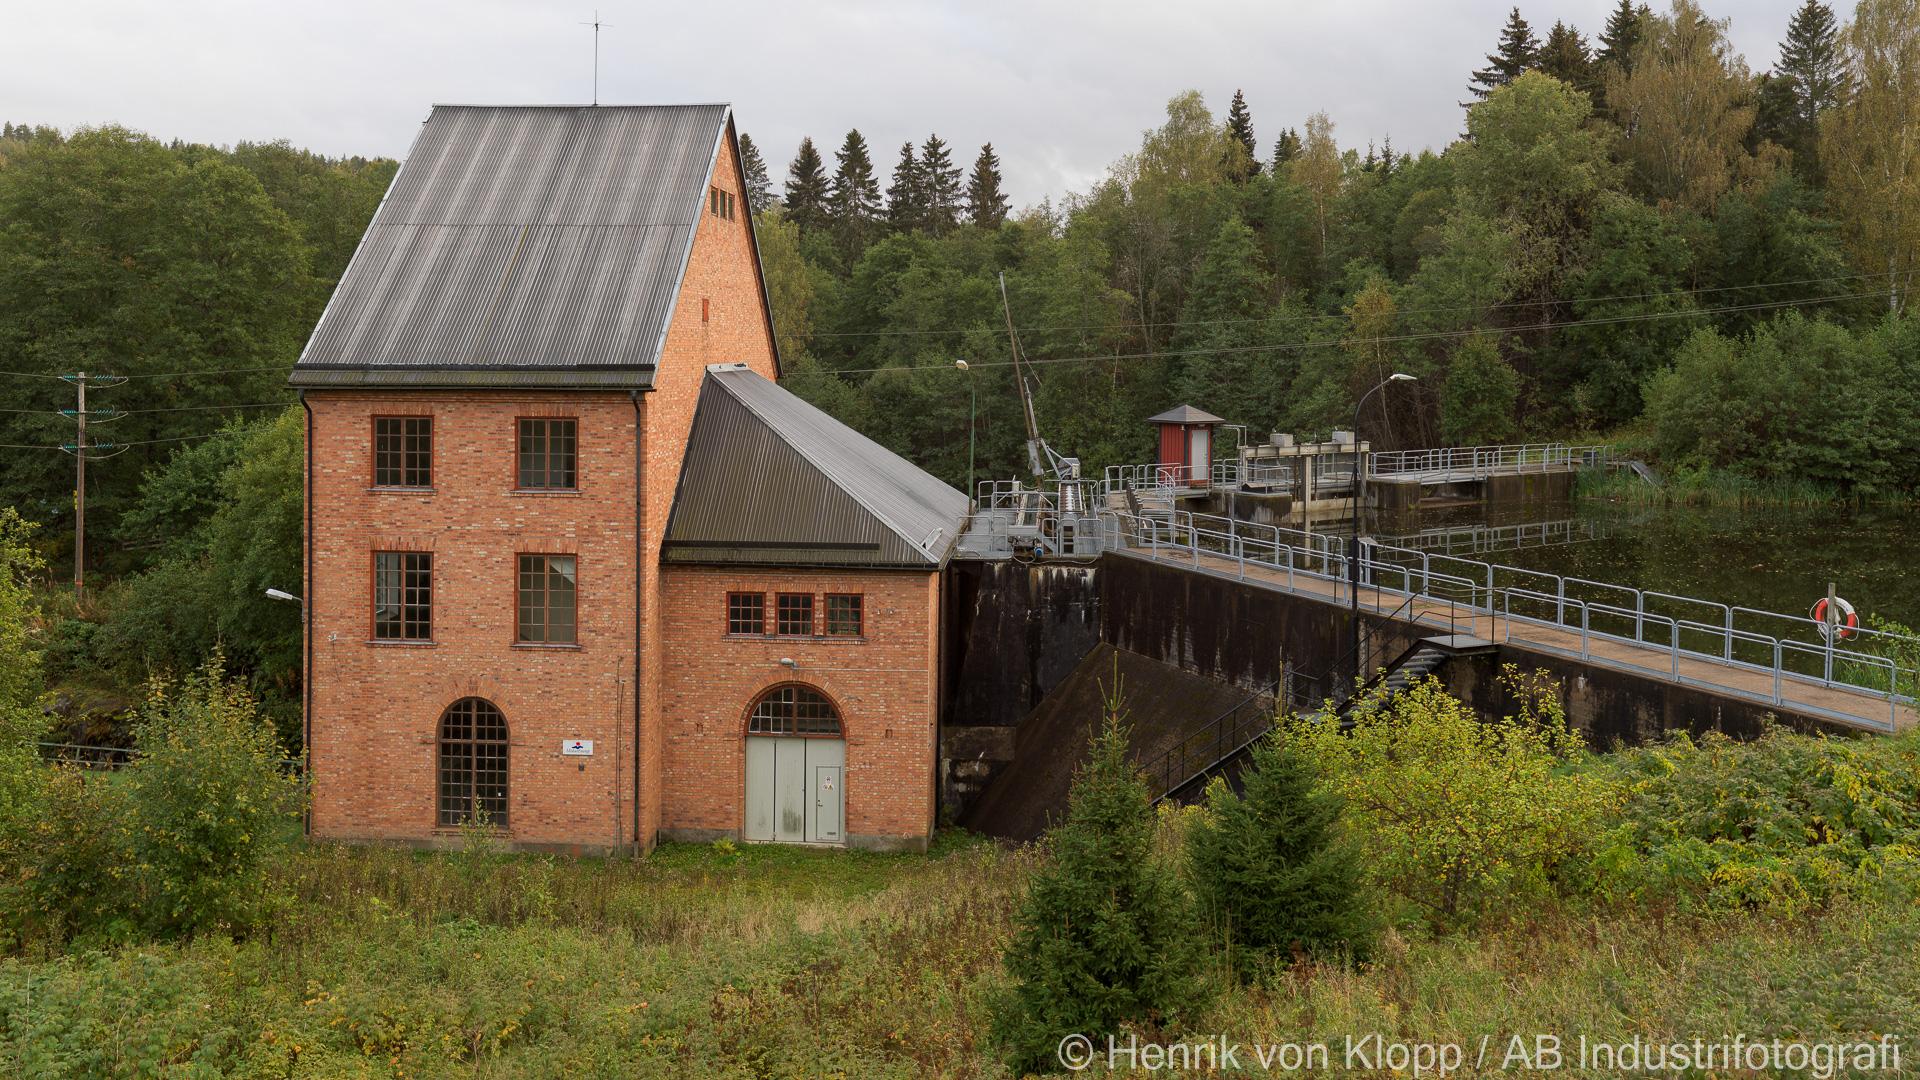 Svenska kraftverk